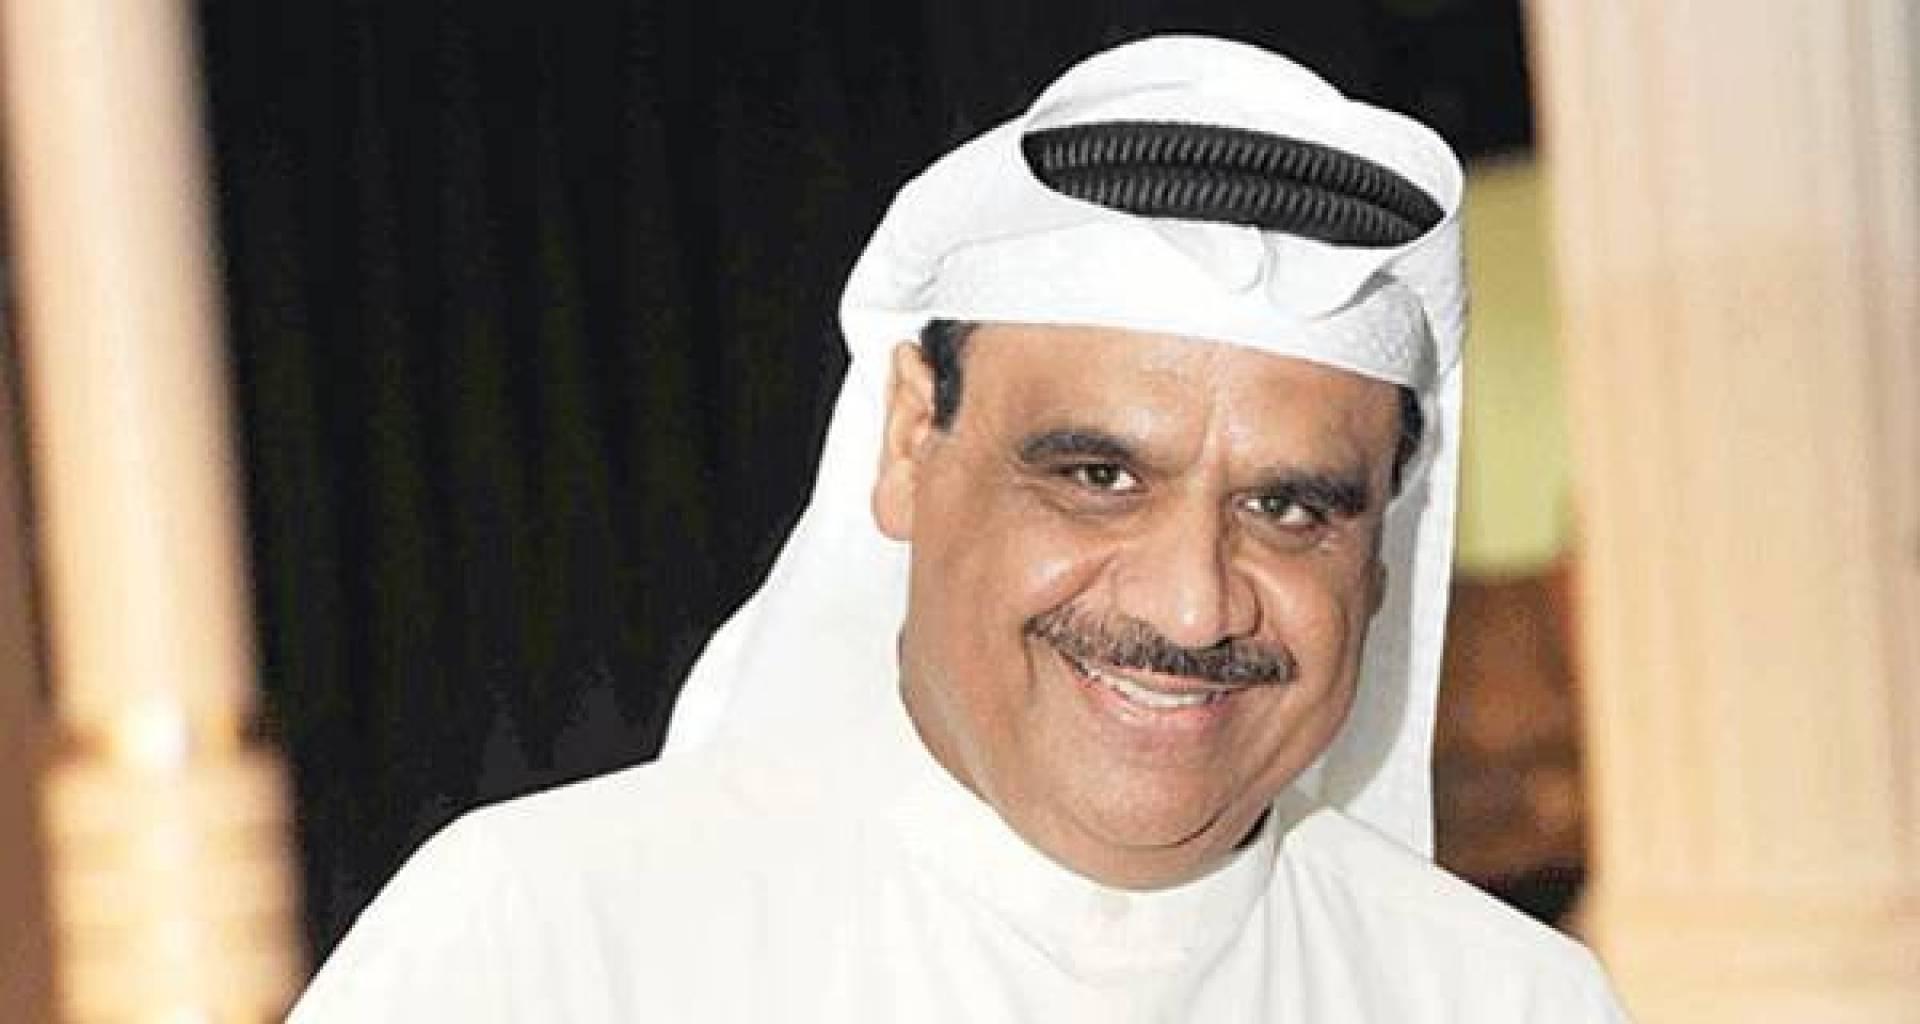 داود حسين: تكريمي في «الدار البيضاء للفيلم».. وسام اعتز به